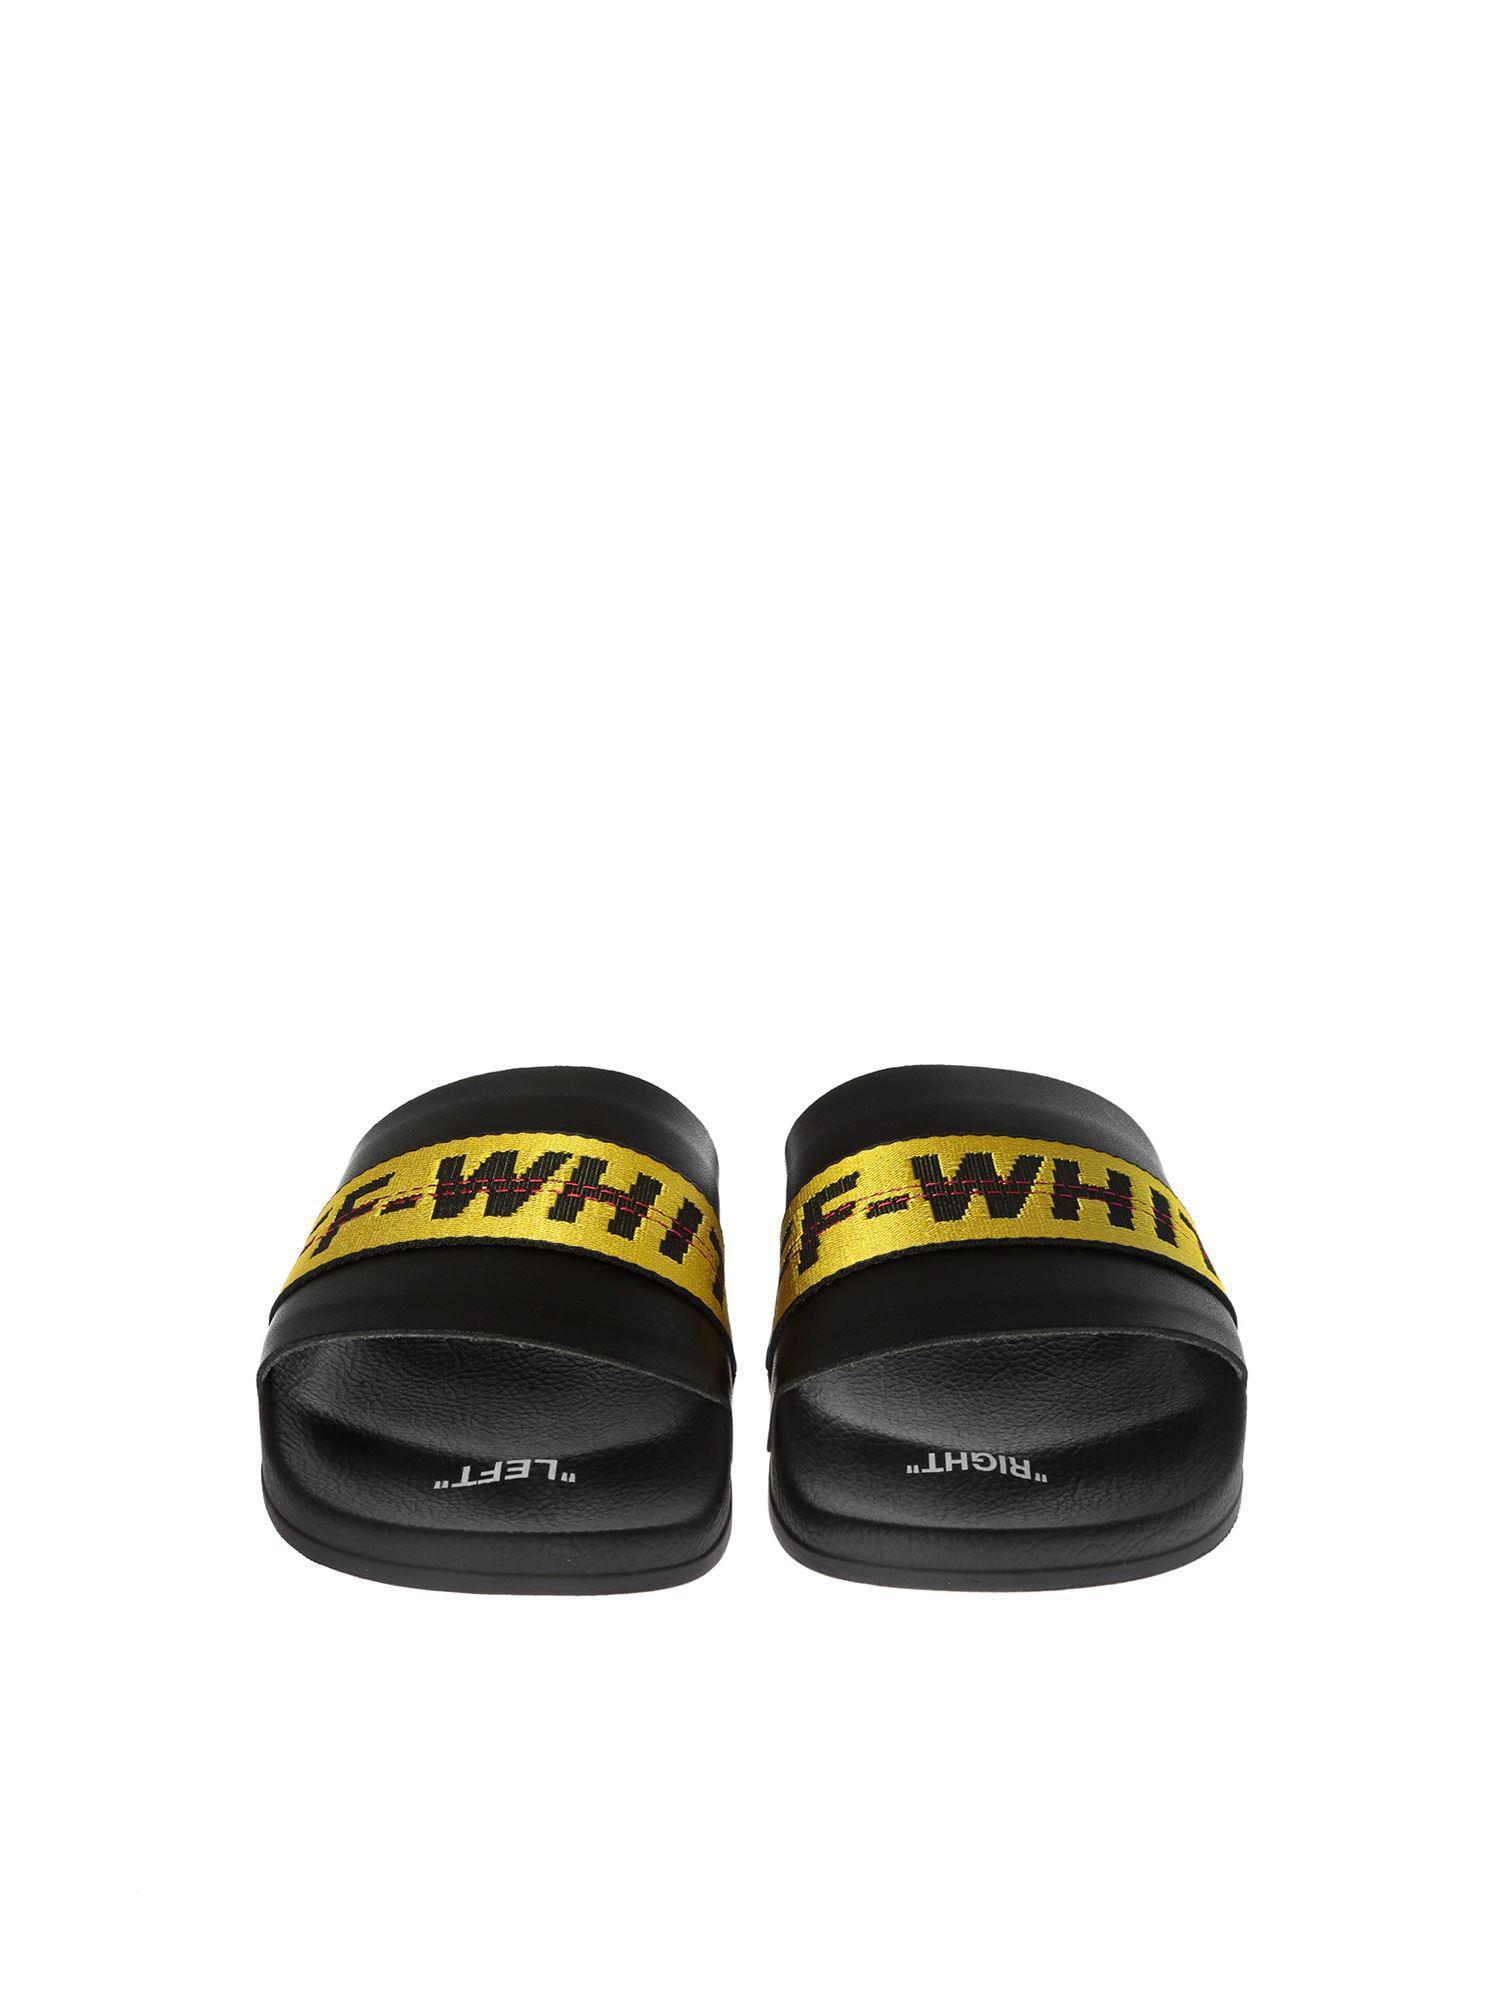 a6d4460fb294 ... Virgil Abloh - White Industrial Slider Black Slides for Men. View  fullscreen